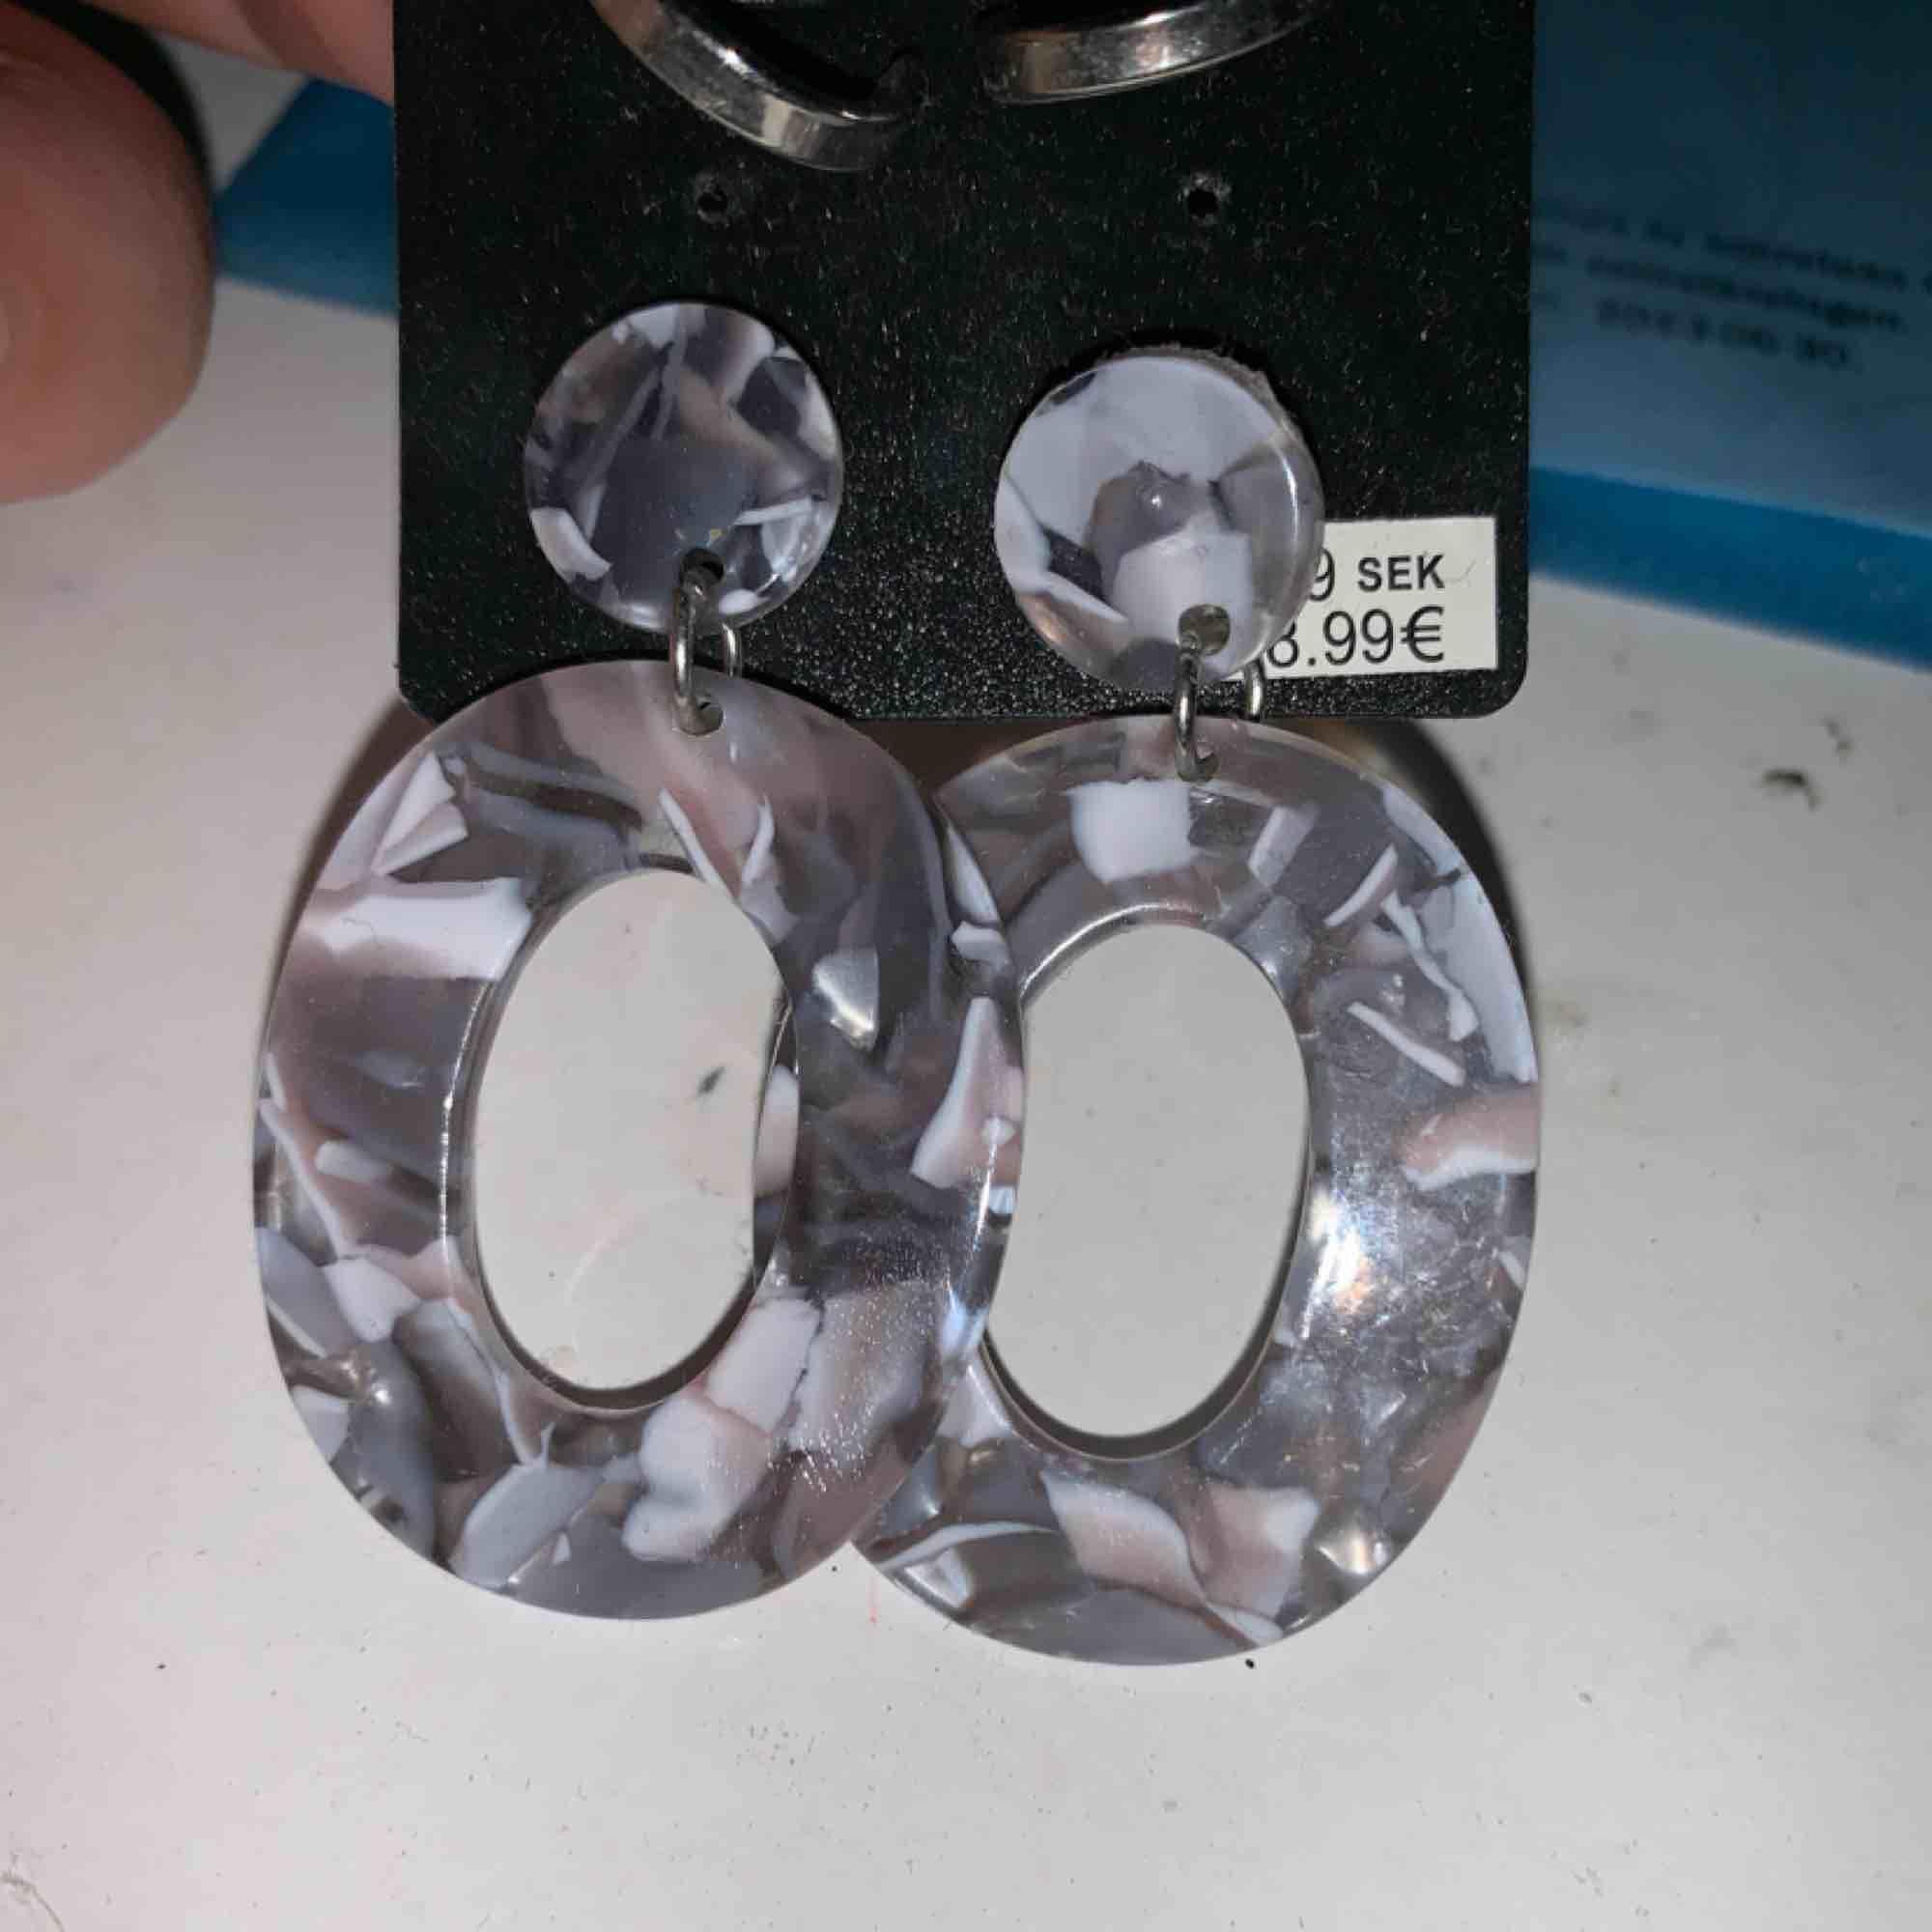 Jättefina örhängen som jag aldrig har haft tillfälle till att använda. Tar emot swish. Accessoarer.